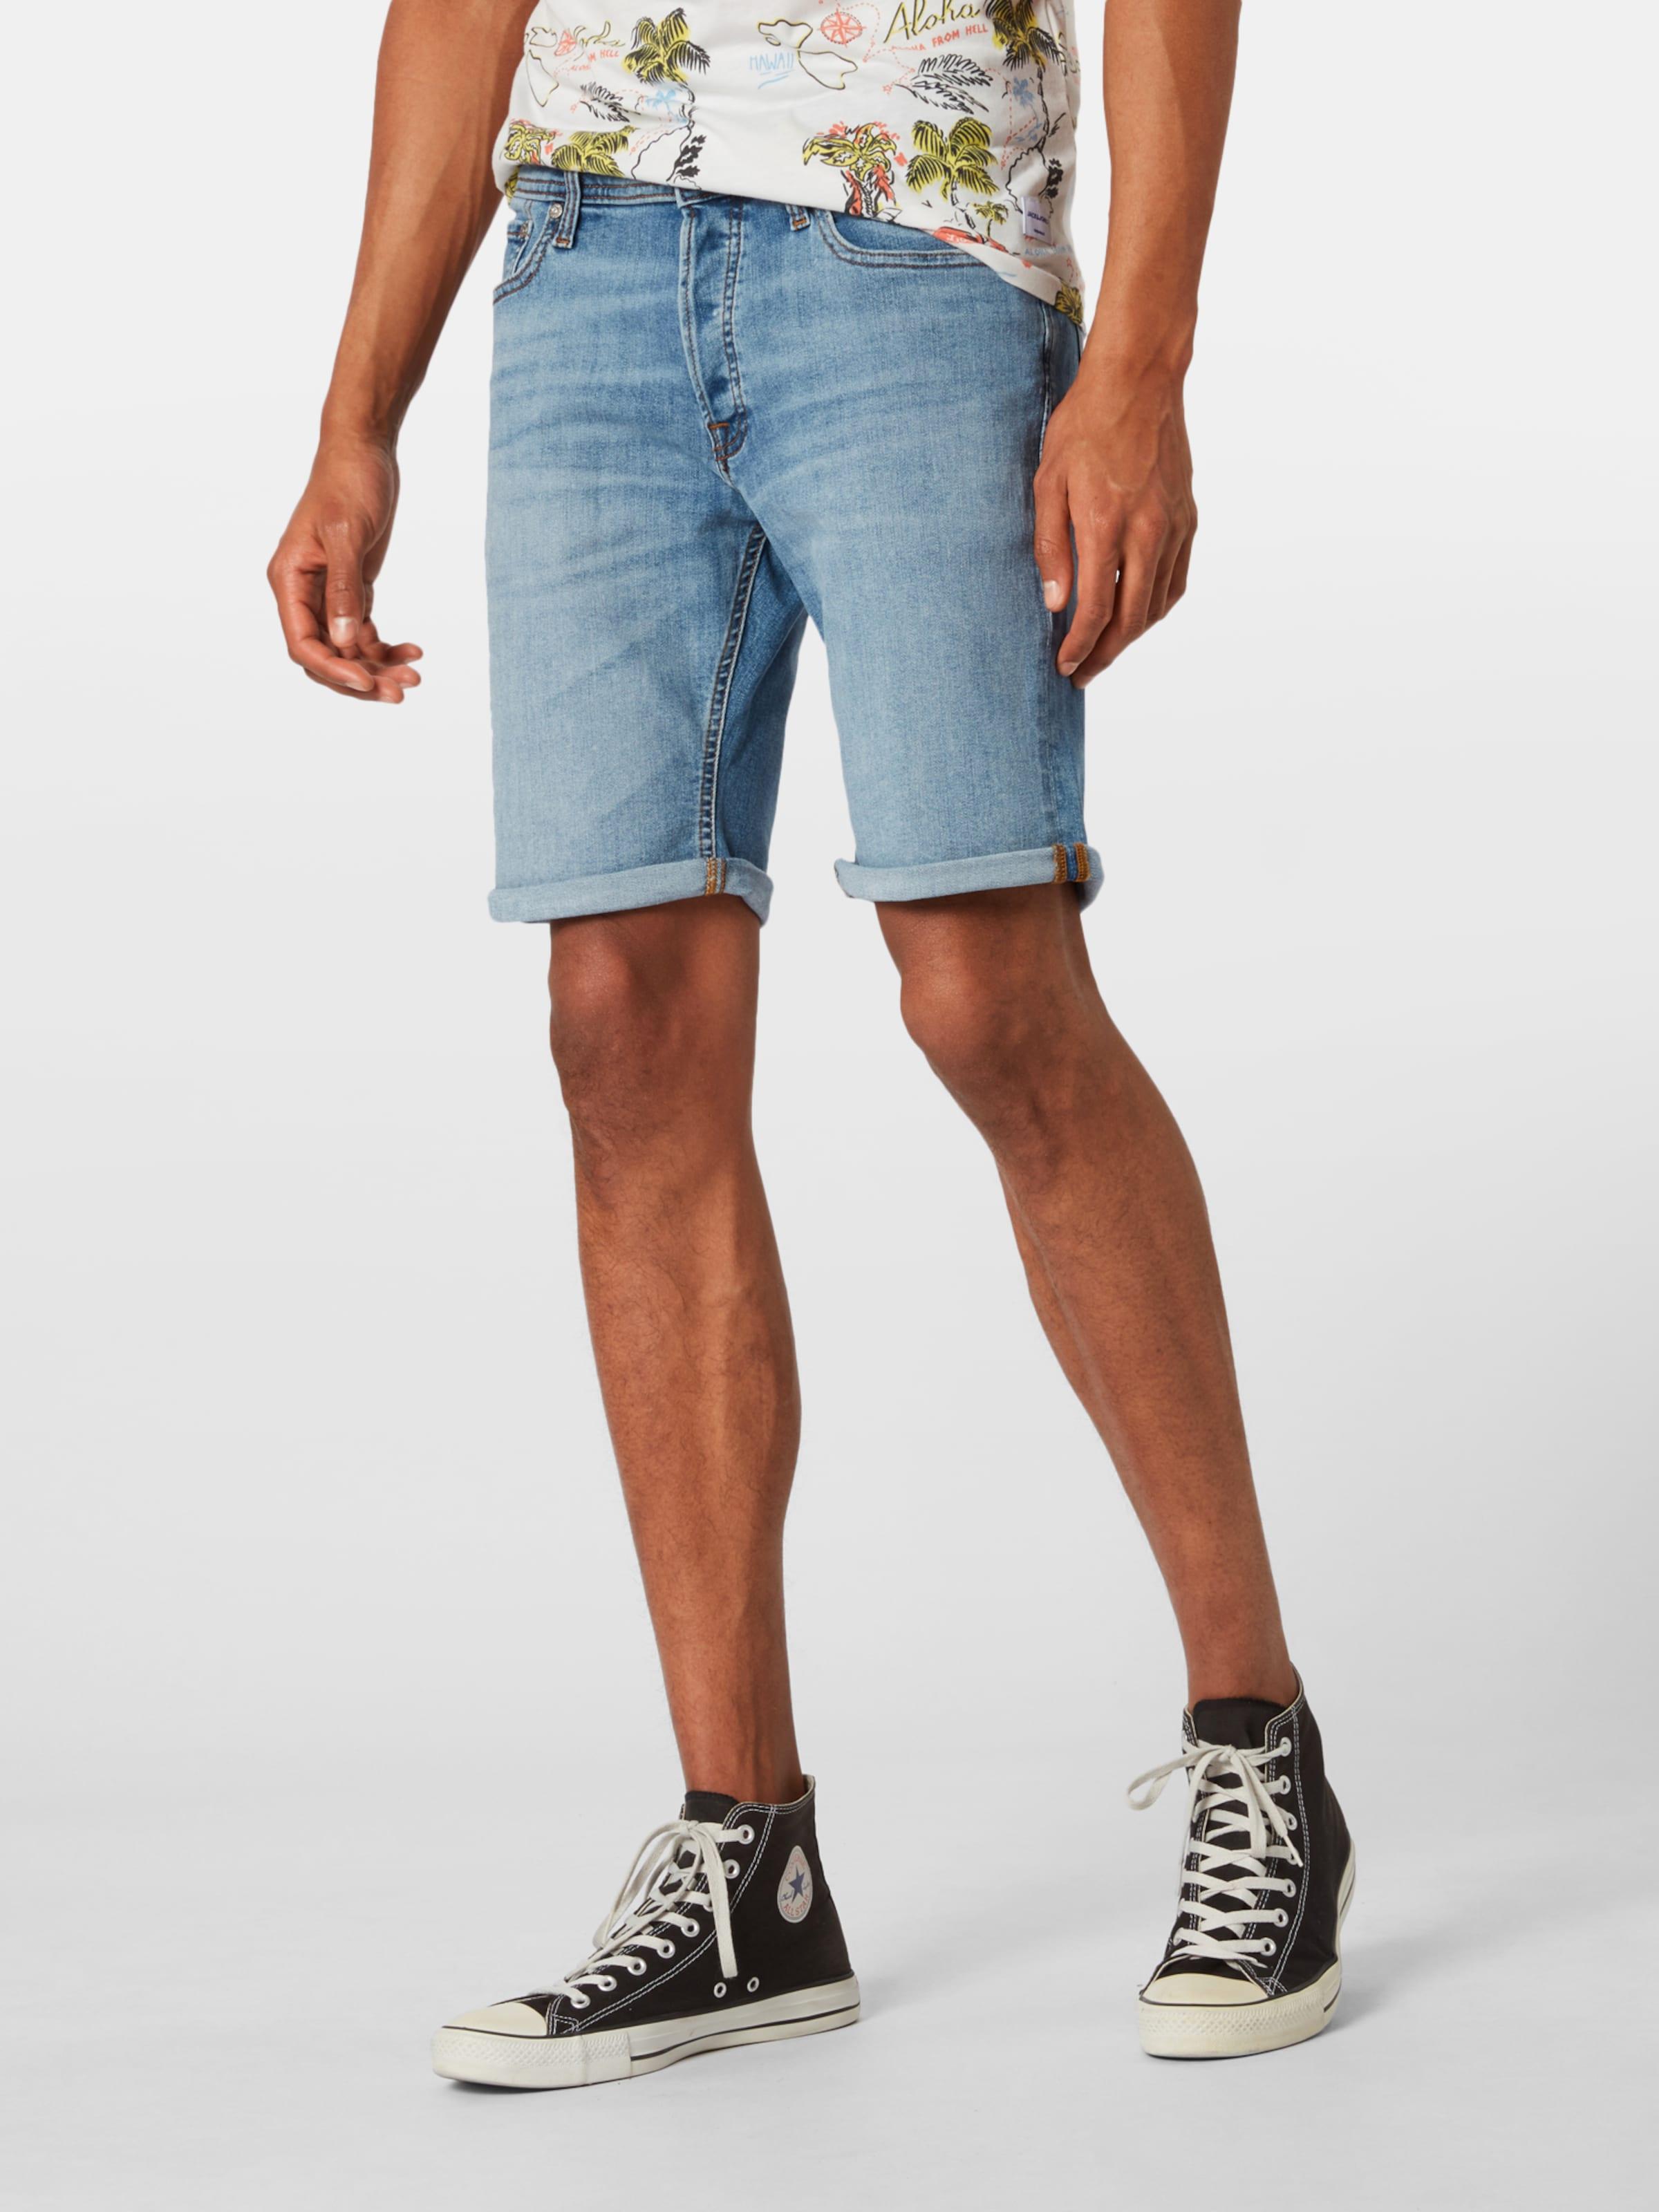 Denim Jackamp; Jones In Shorts Blue OPuwZilXTk